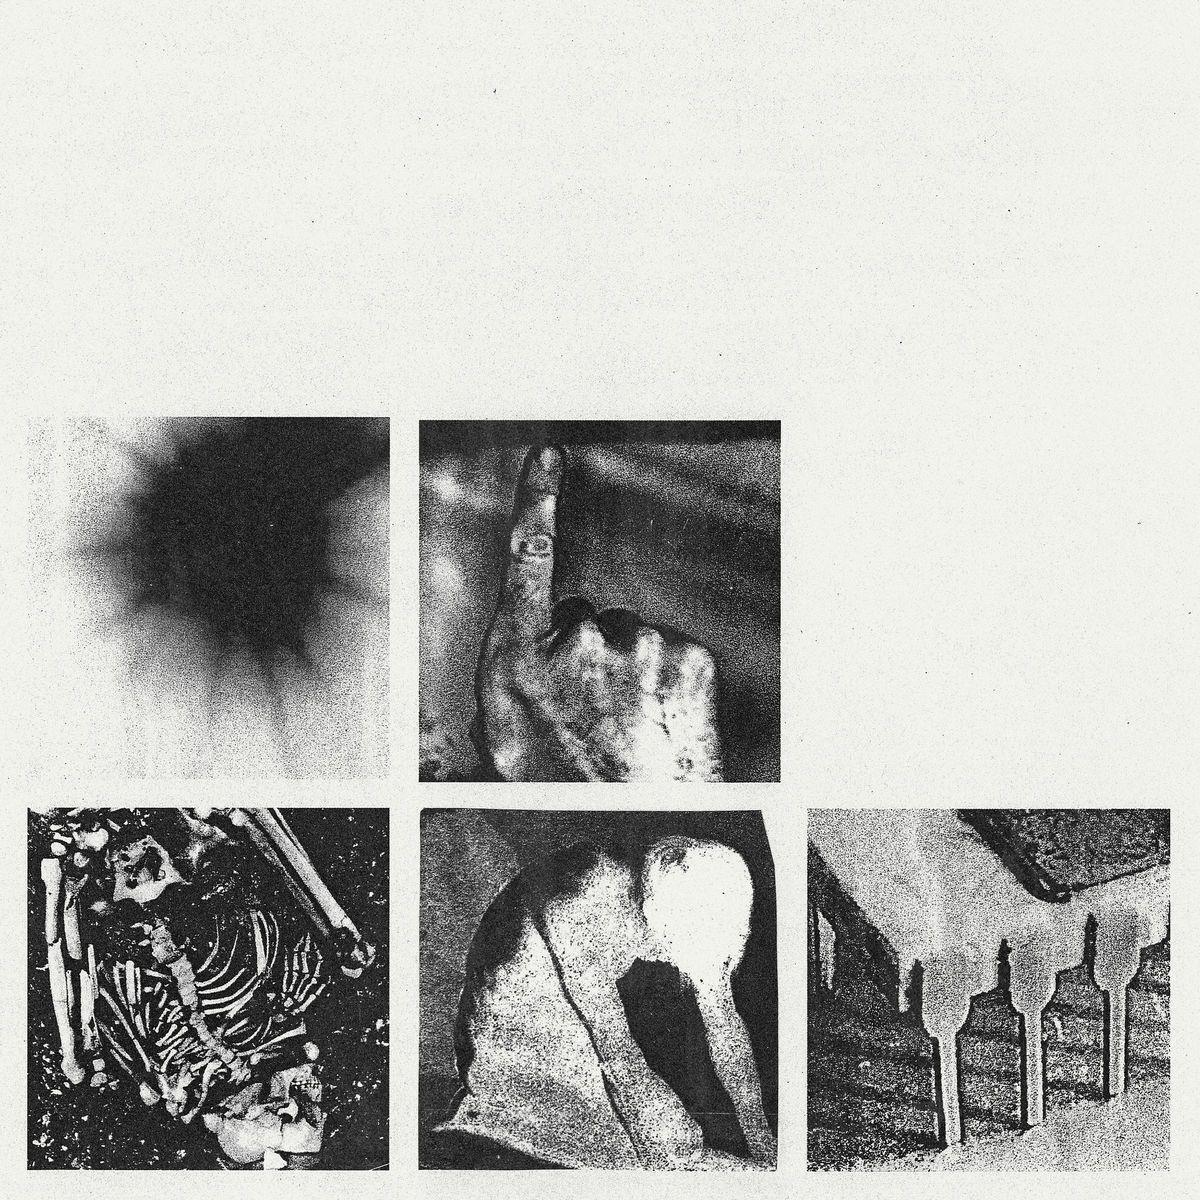 9. Nine Inch Nails - Bad Witch - El contenido breve del álbum lo hace aún más intrigante, con únicamente 6 tracks que completan 31 minutos profundos y turbulentos.Bad Witch es como estar dentro de una pesadilla, o una película de suspenso de la que de plano no quieres salir. Los sigilosos ecos, la cuidada forma en la que Reznor usa la voz, el silencio que da saltos inesperados a guitarras irritadas, le dan una estructura compleja de progrock, brutalmente cruda.